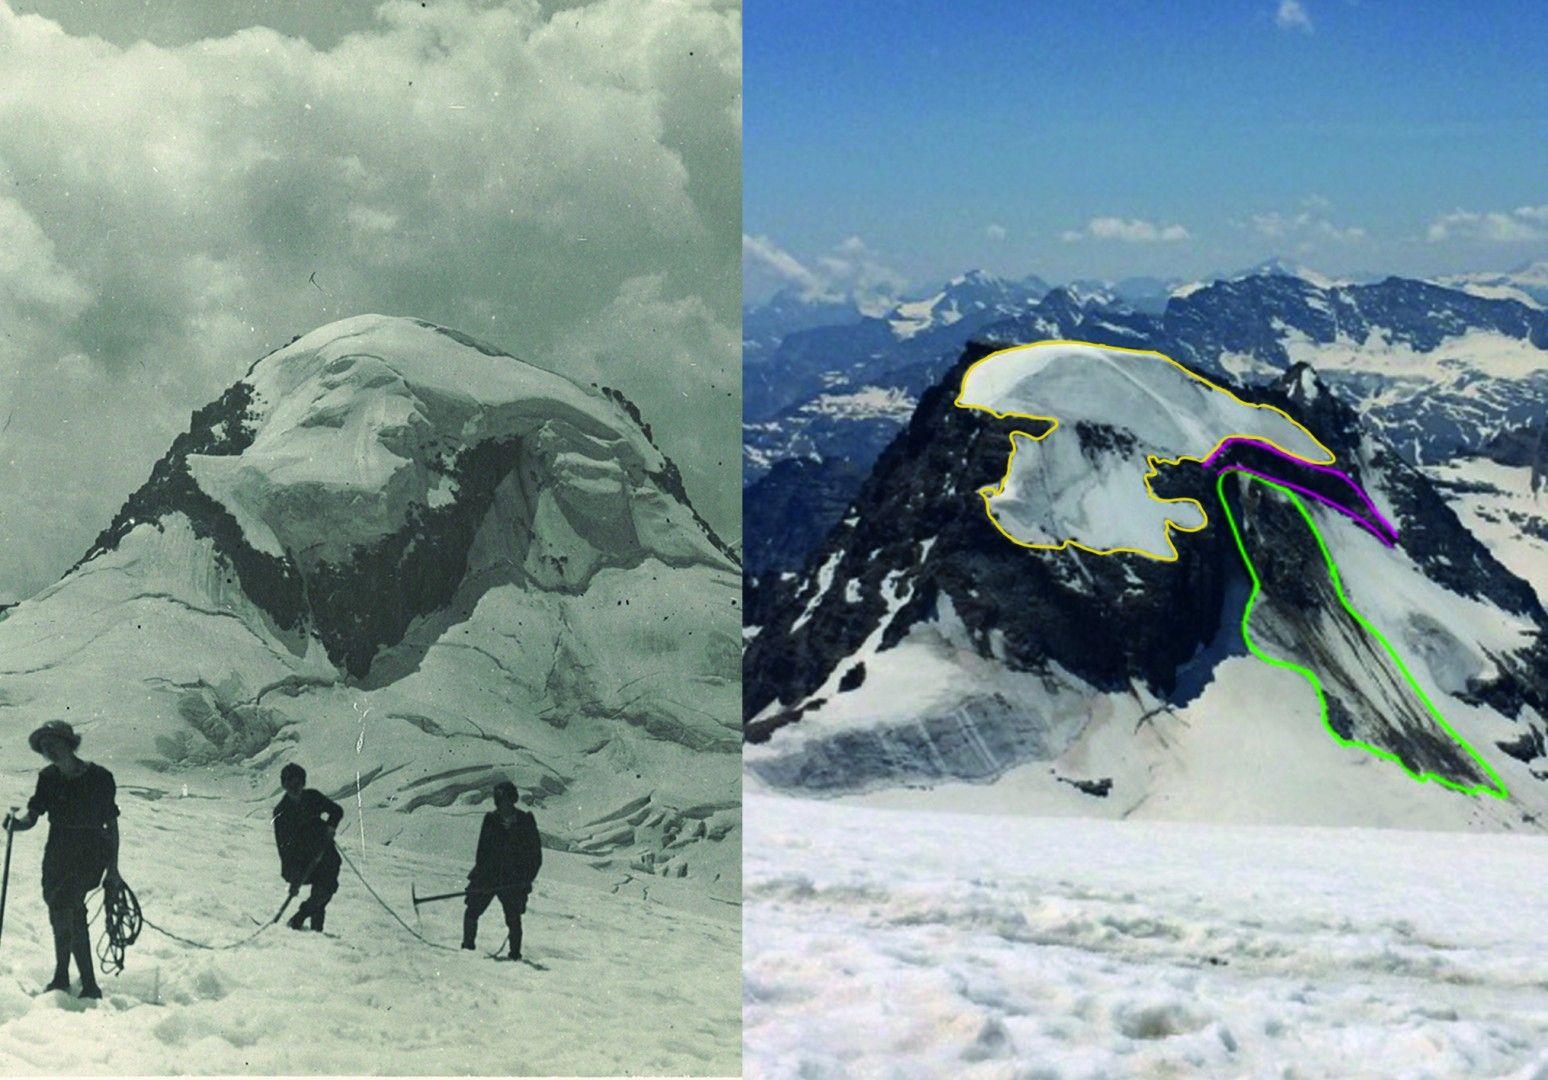 PARCO GRAN PARADISO - Cambiamenti climatici: continua l'arretramento dei ghiacciai in quota